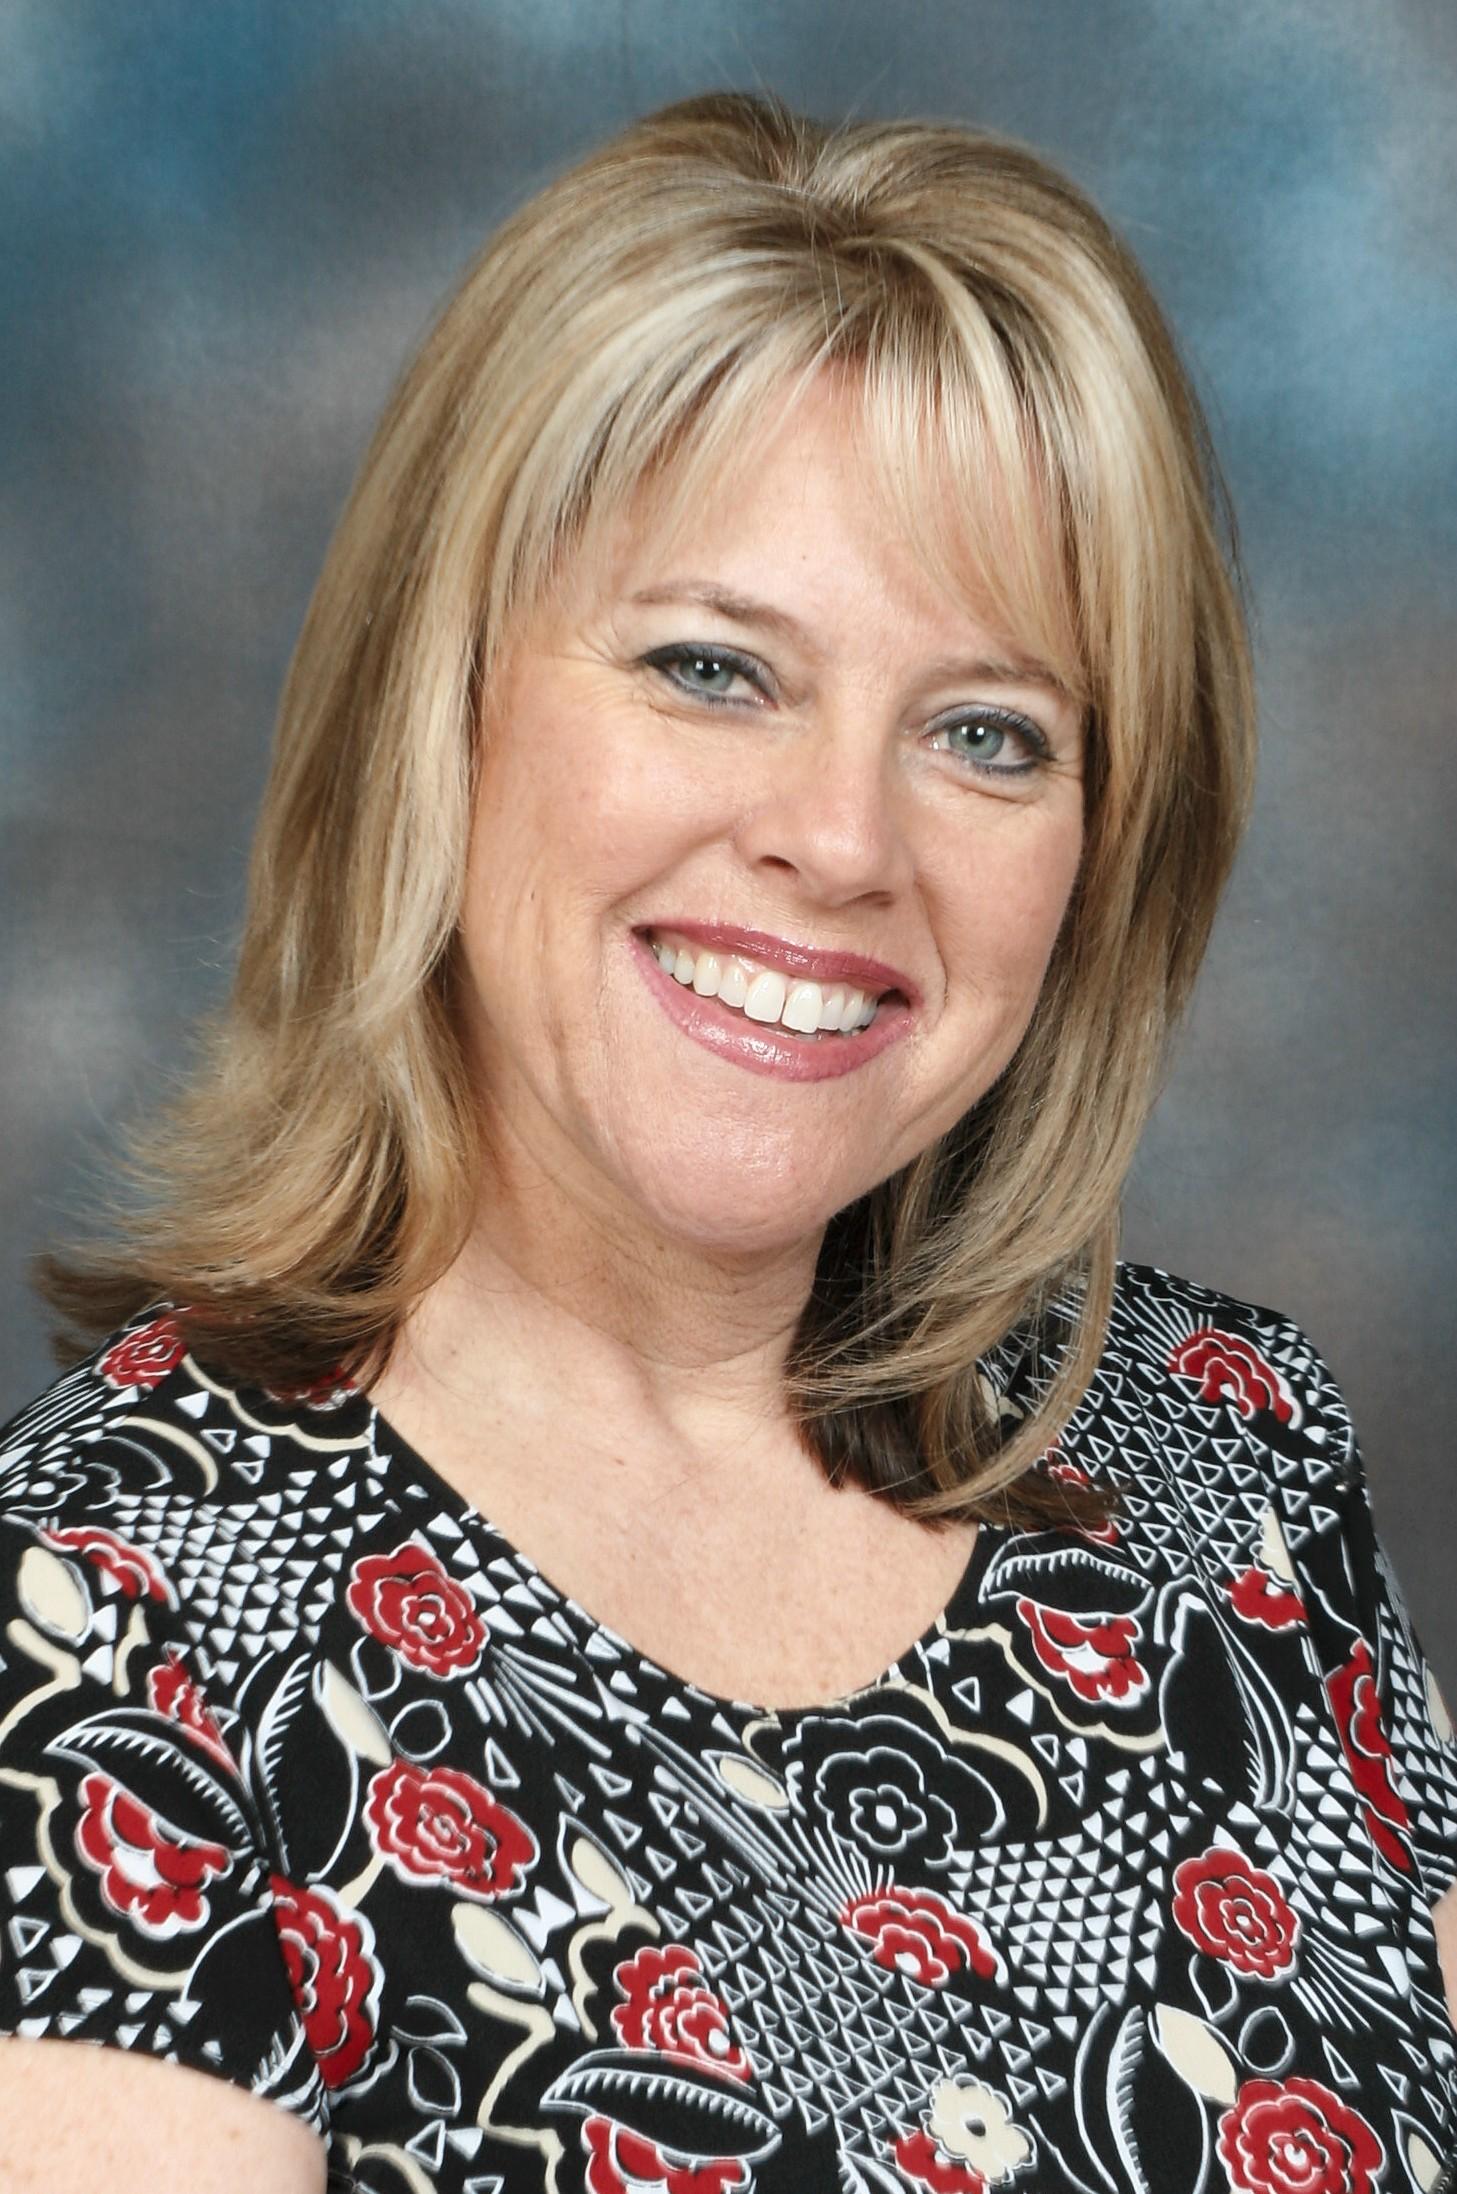 Julie Potts